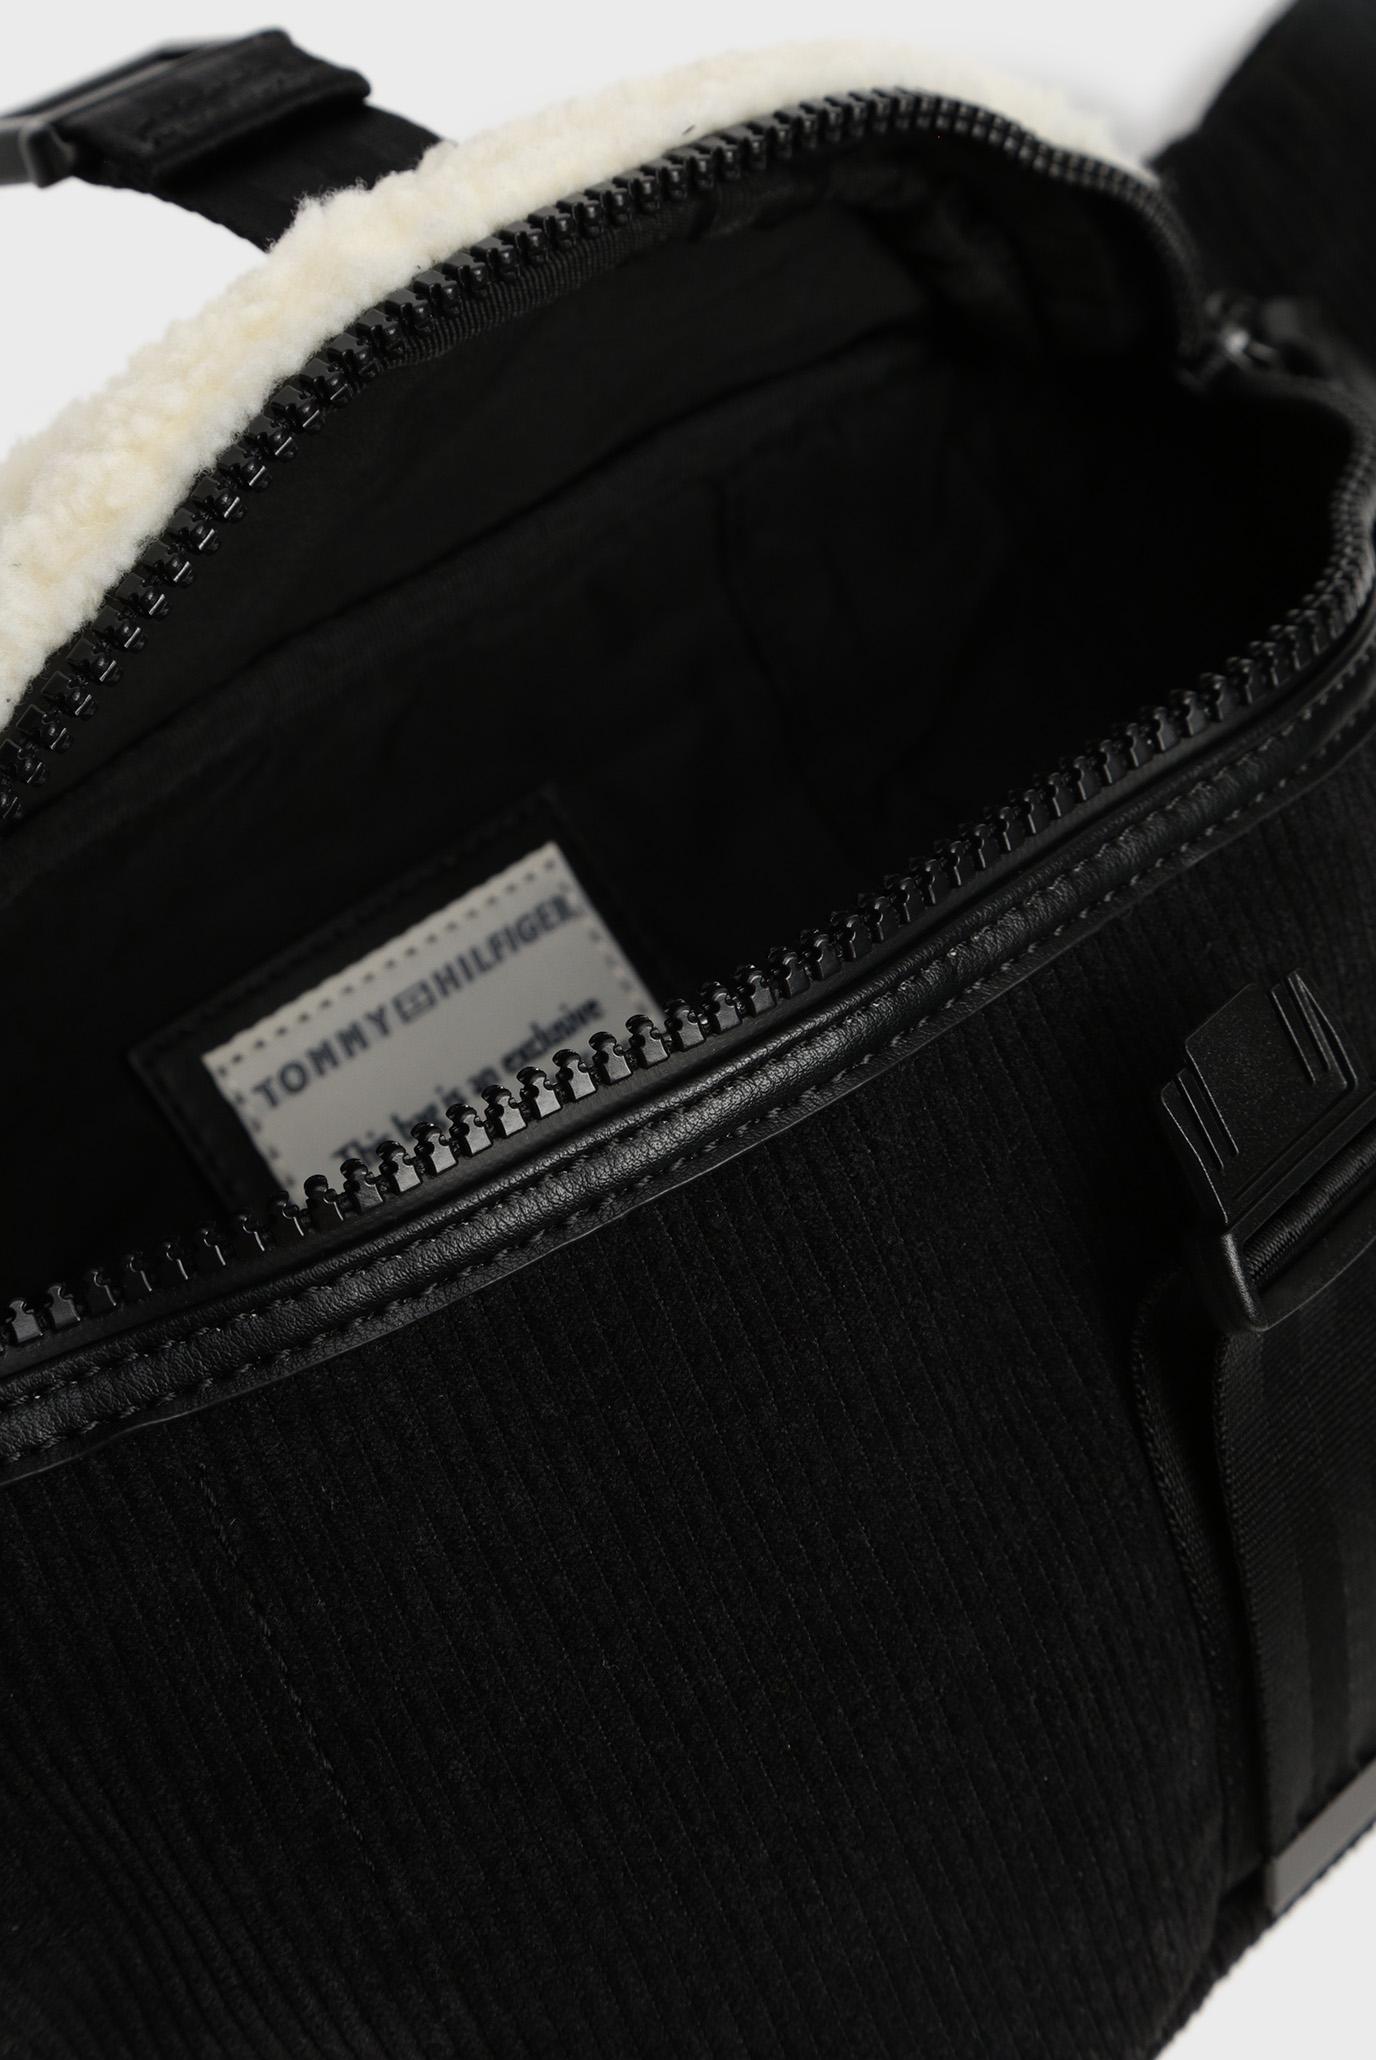 Мужская черная вельветовая поясная сумка ALL TERRAIN Tommy Hilfiger